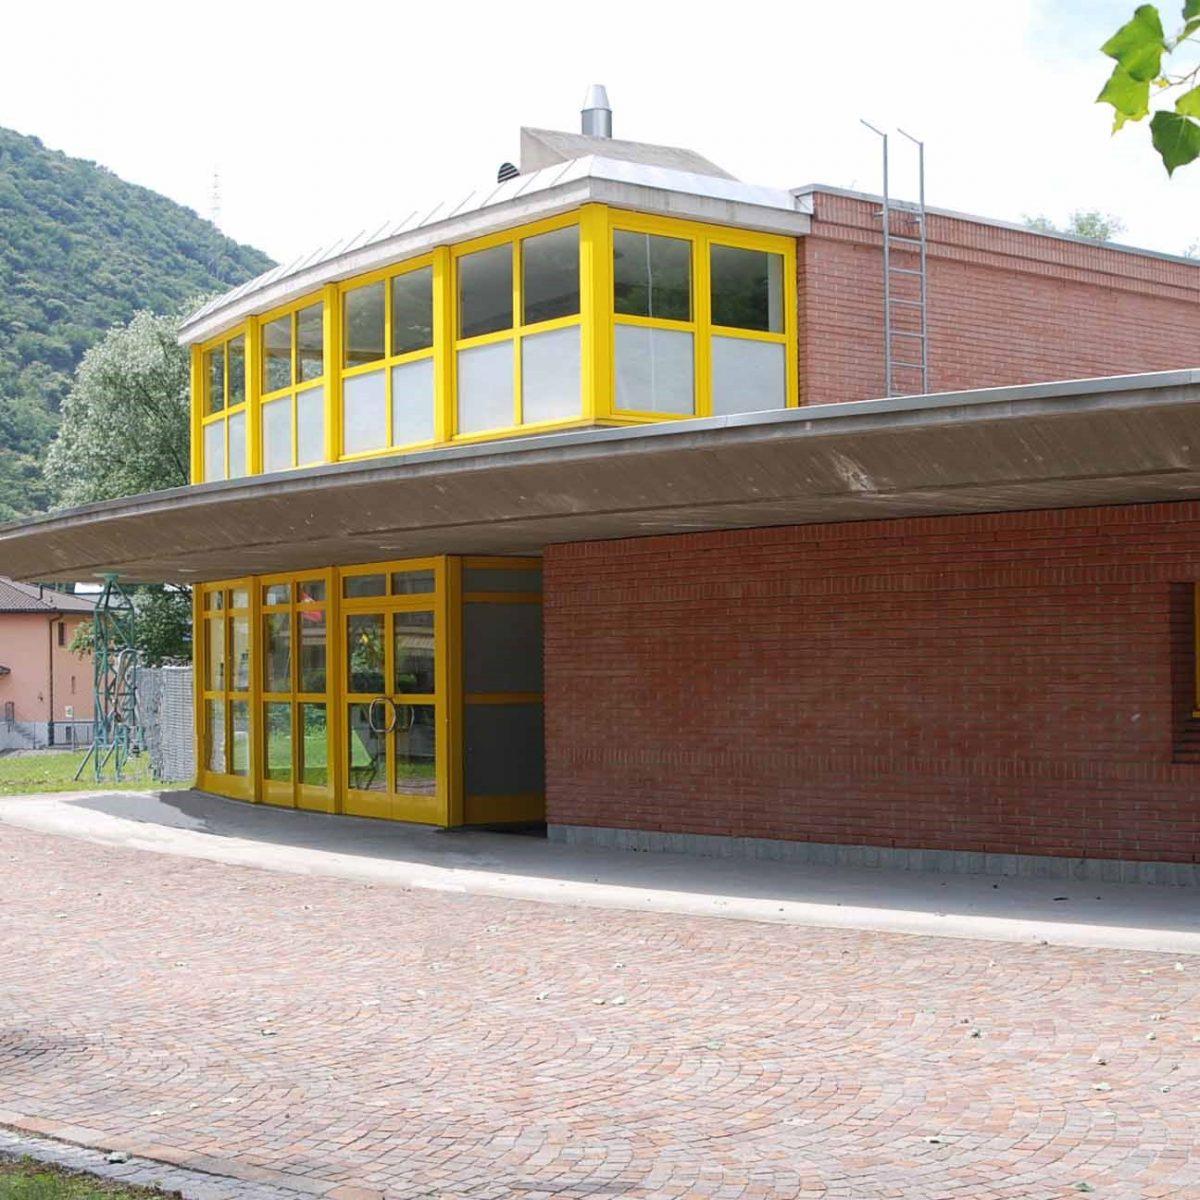 Casa dei bambini, Barbengo